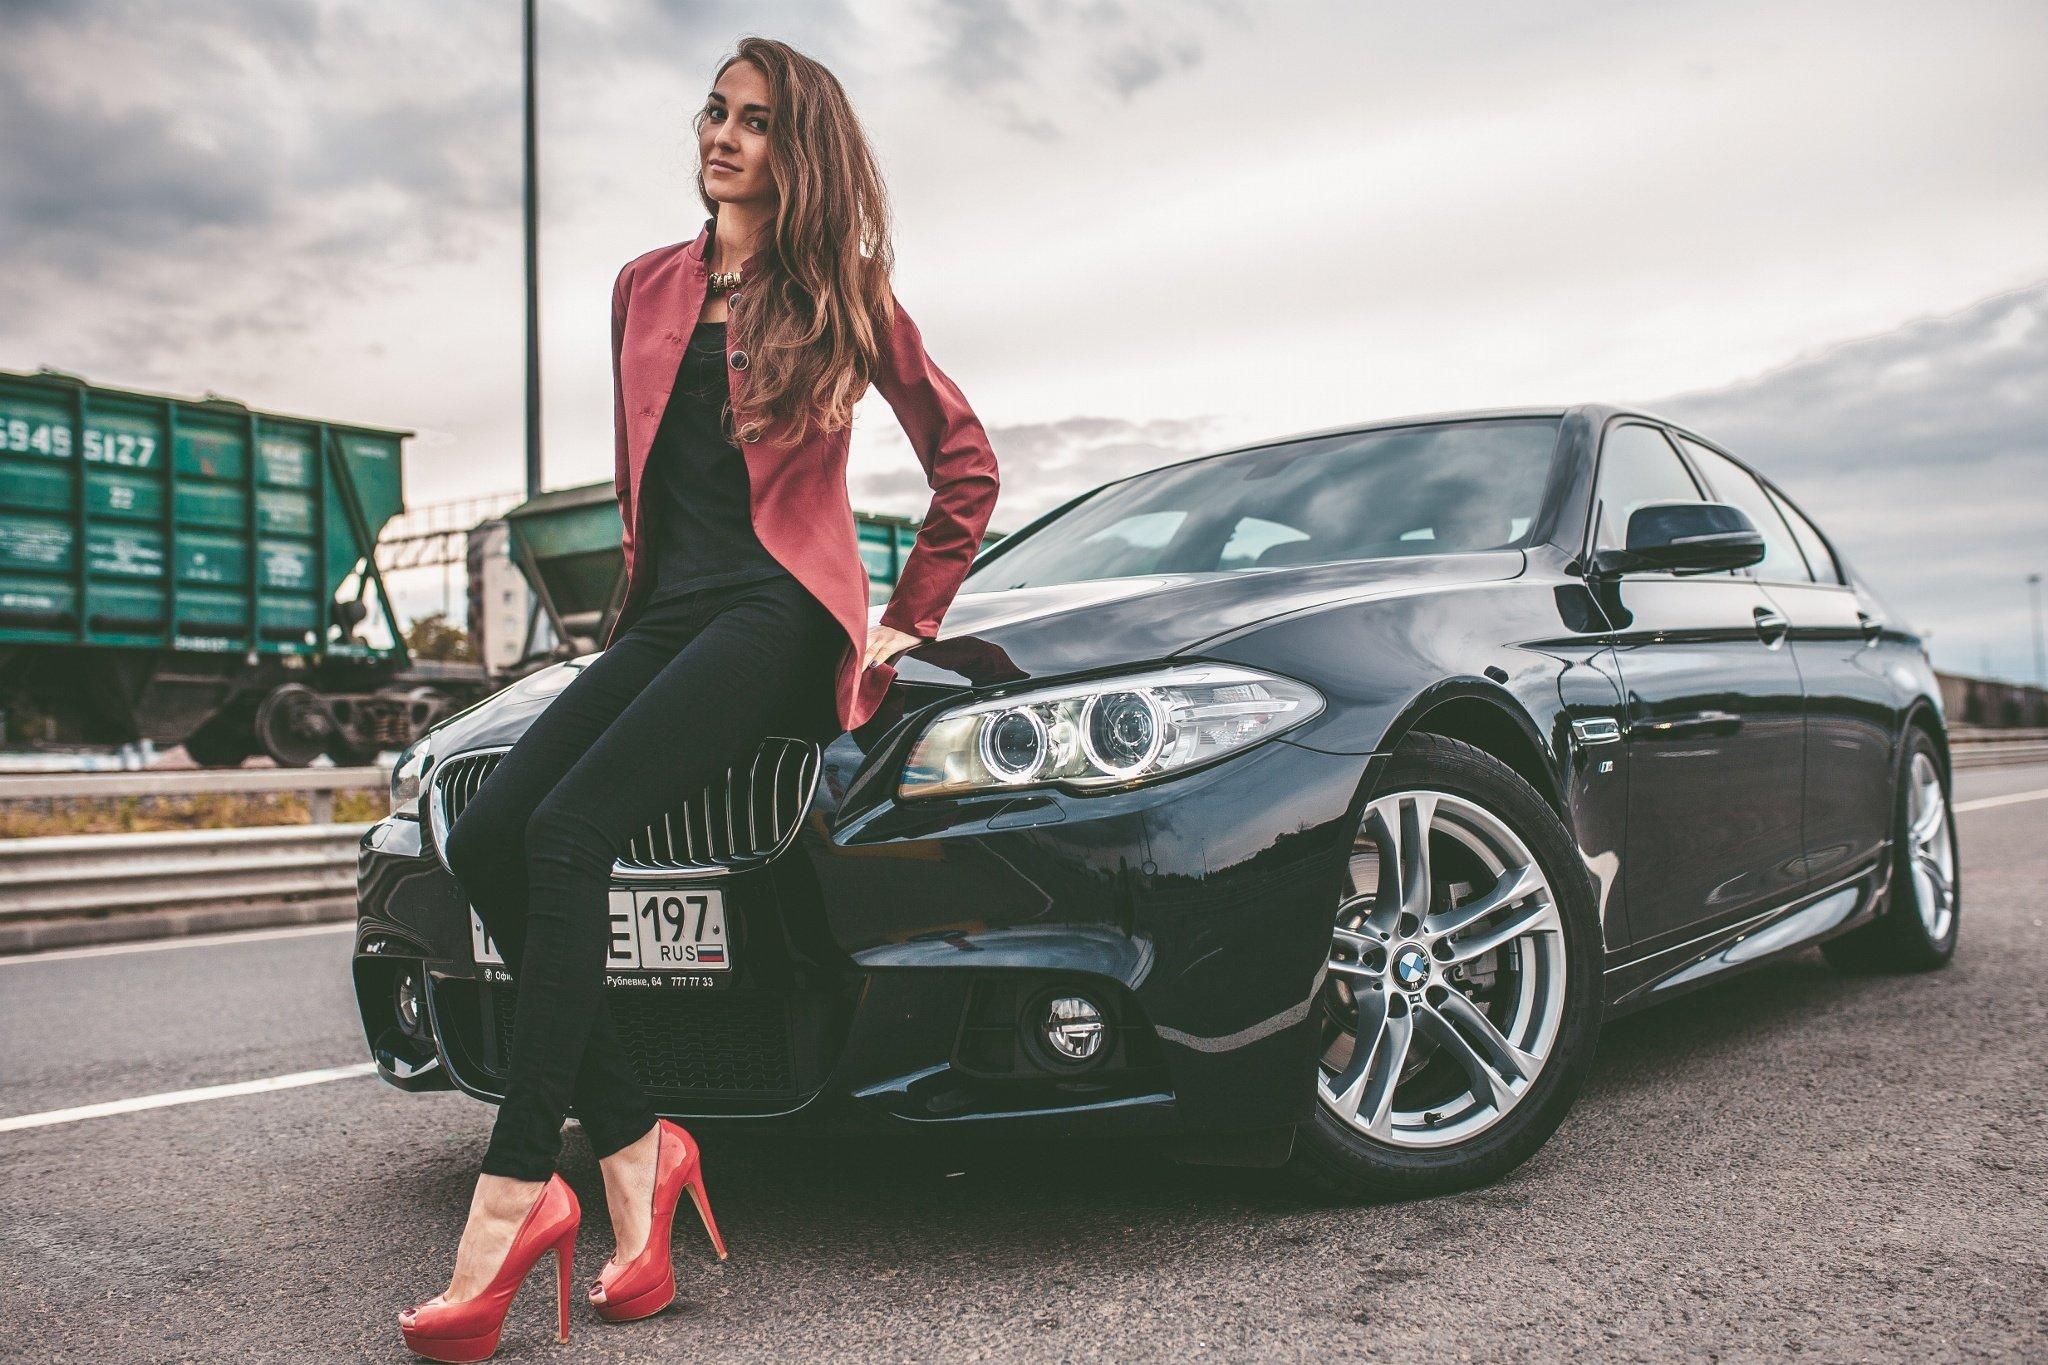 Car Girls Wallpaper